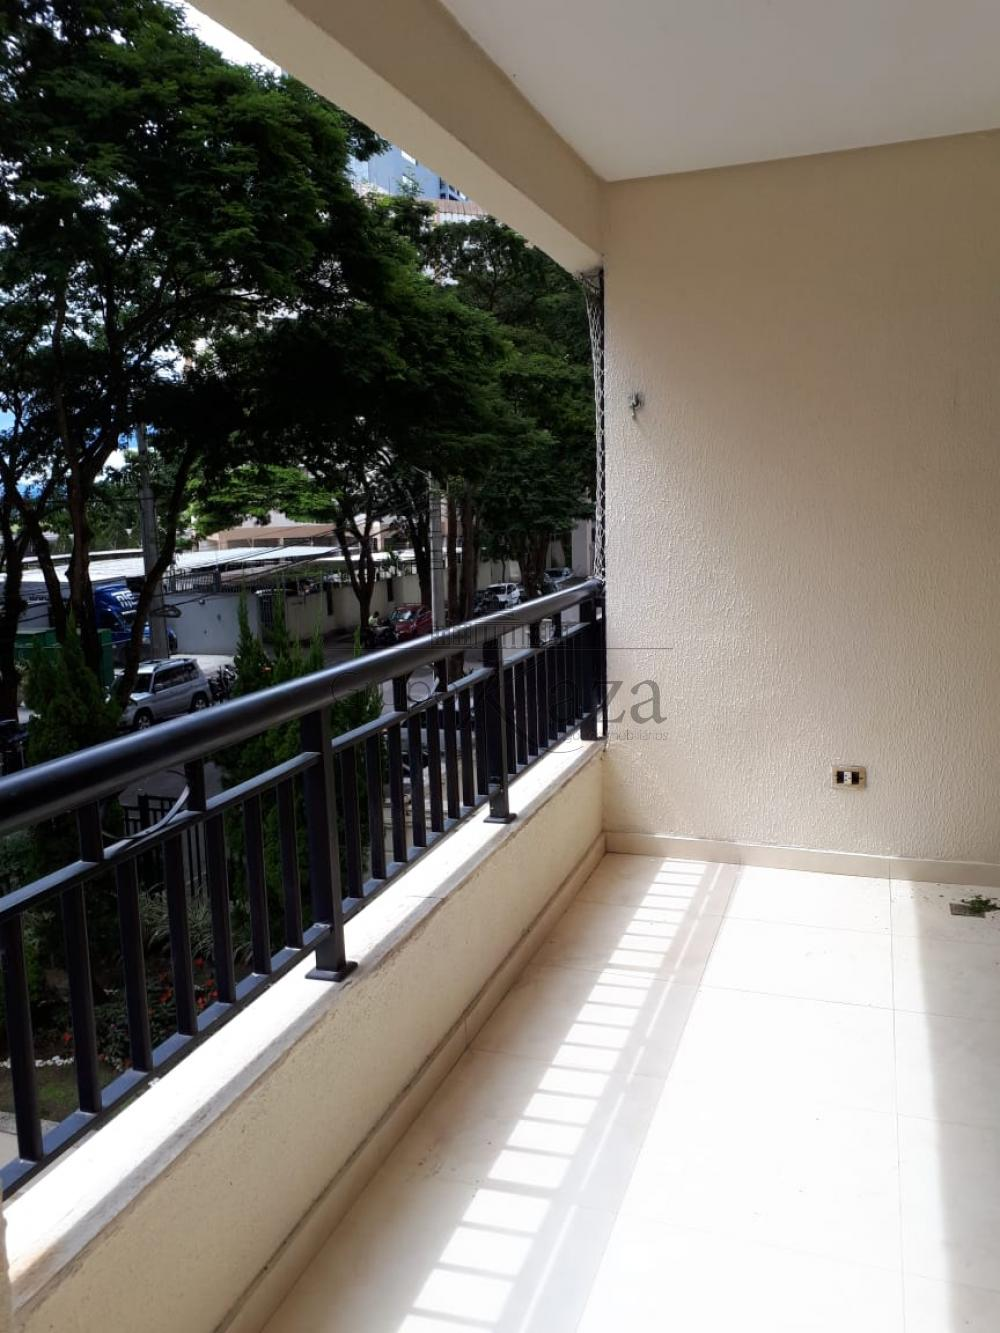 Alugar Apartamento / Padrão em São José dos Campos R$ 2.650,00 - Foto 4